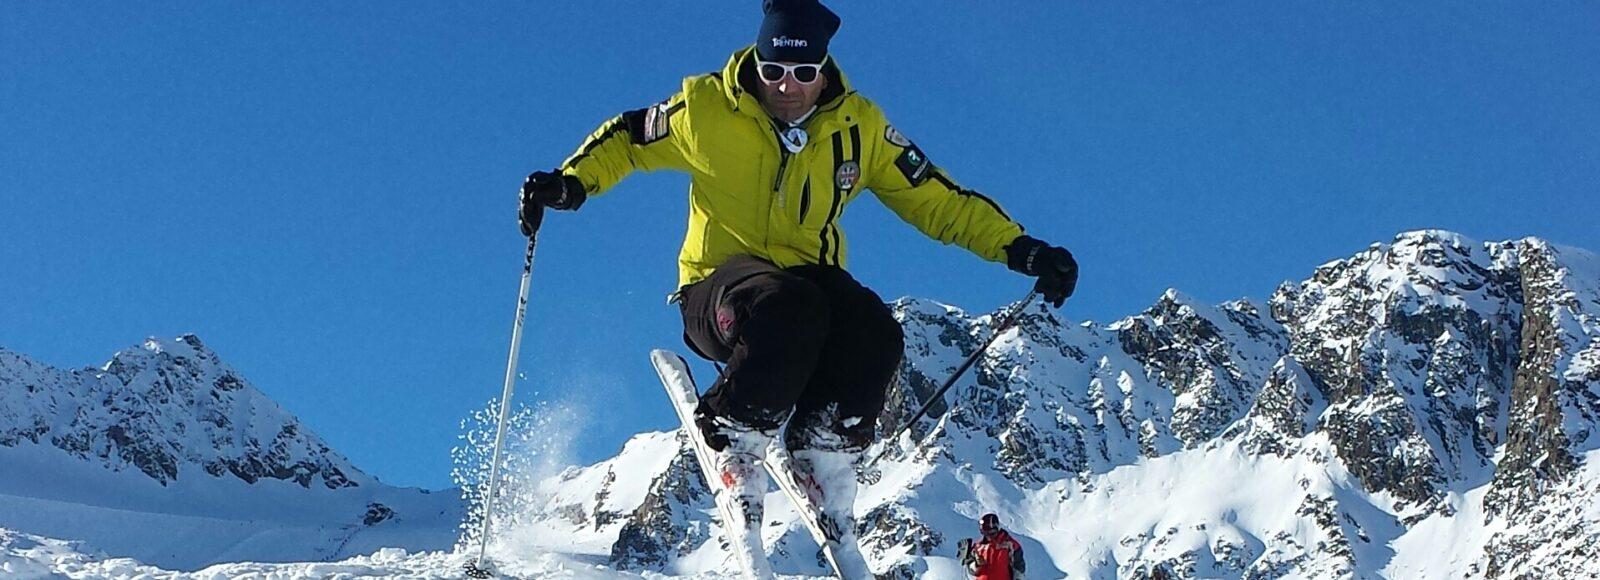 Sciatore fuori pista